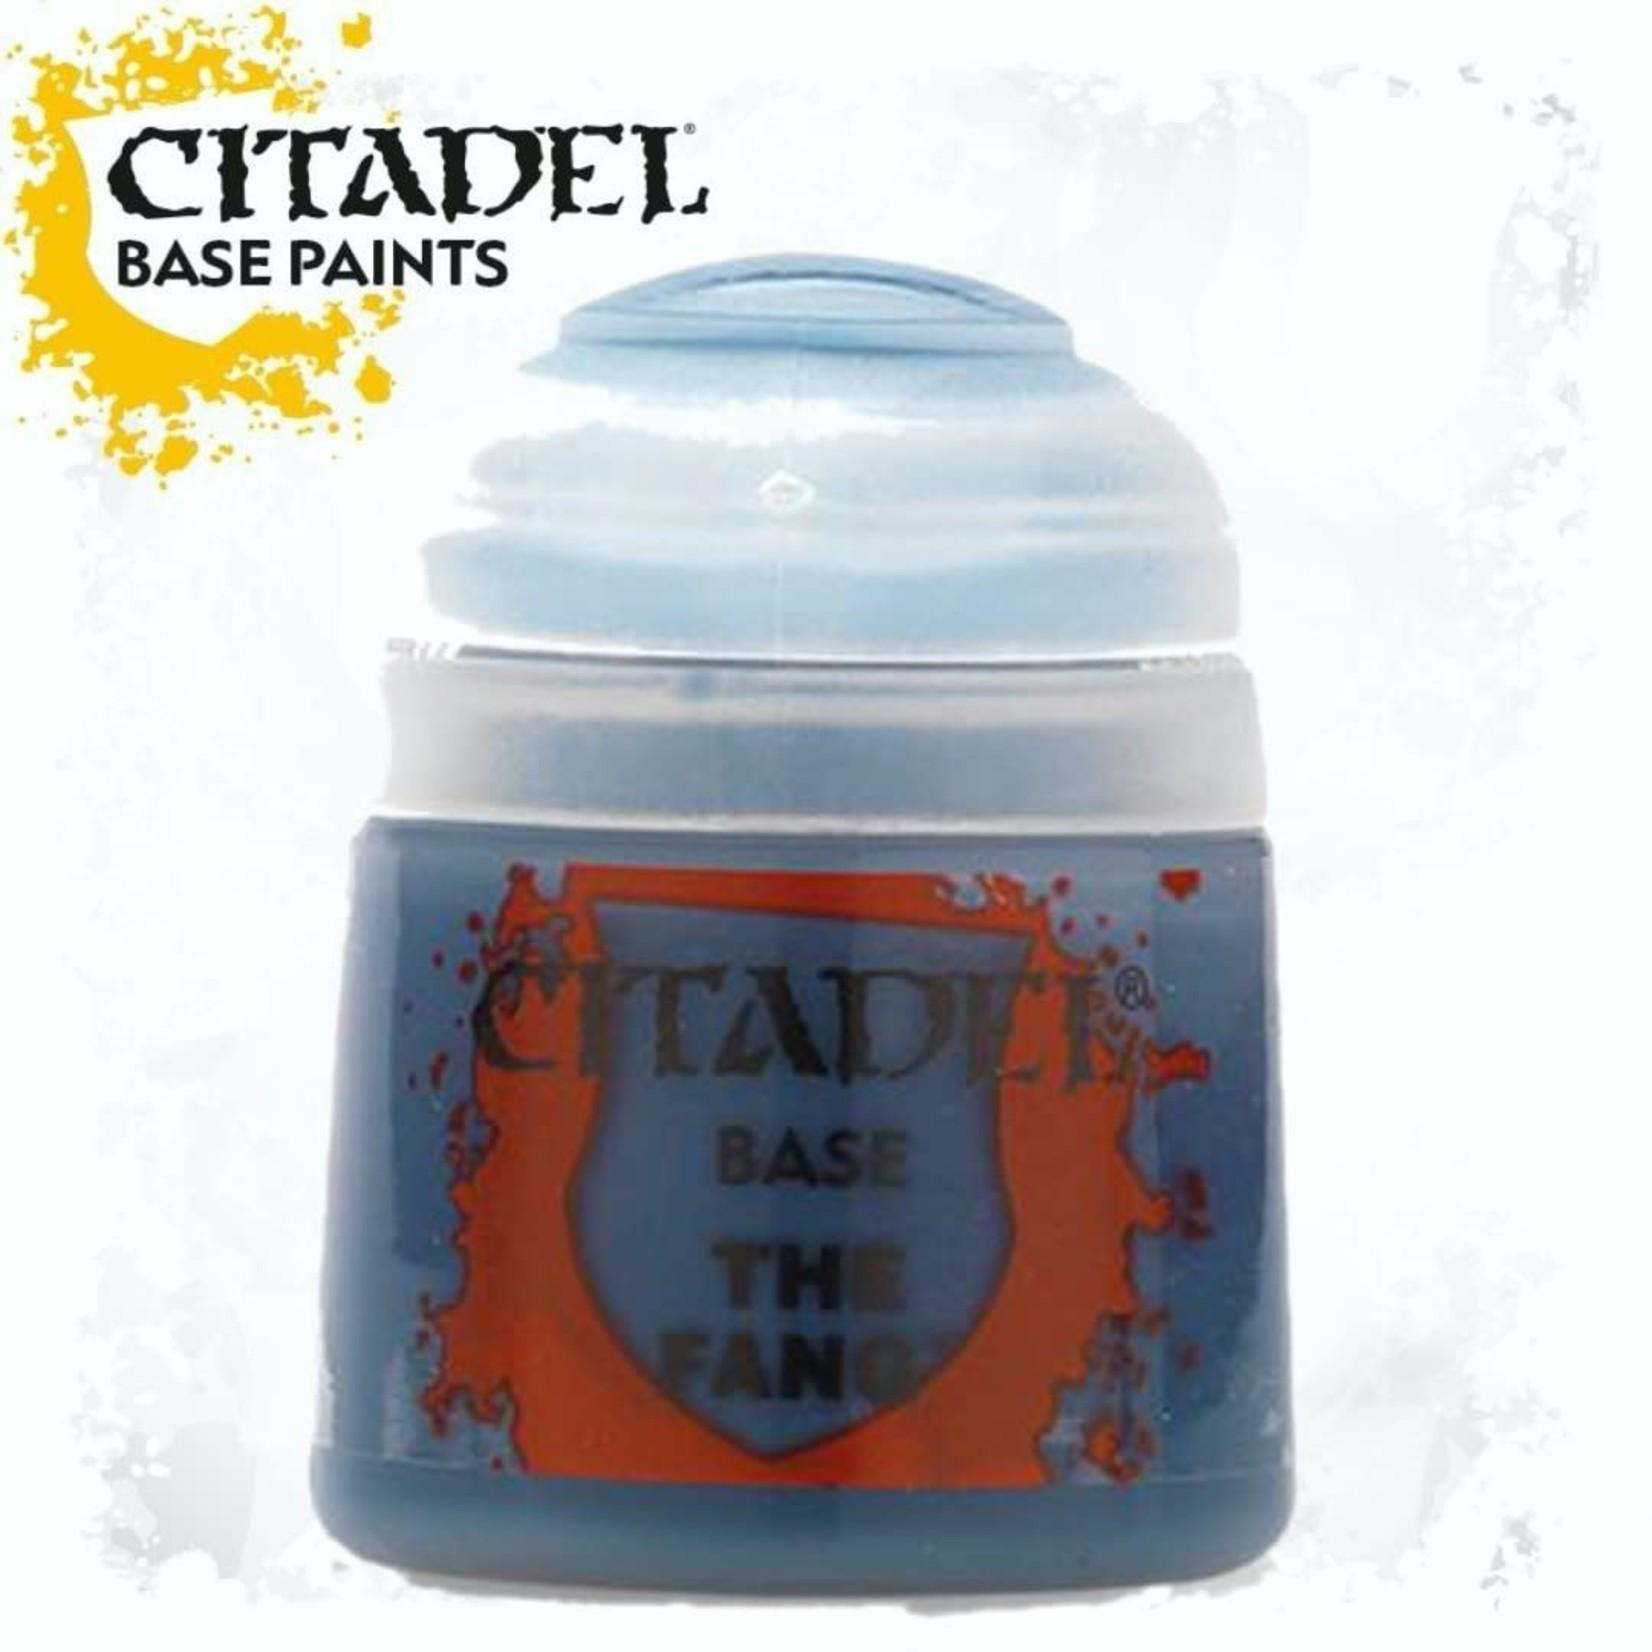 Citadel Citadel Paint - Base: The Fang